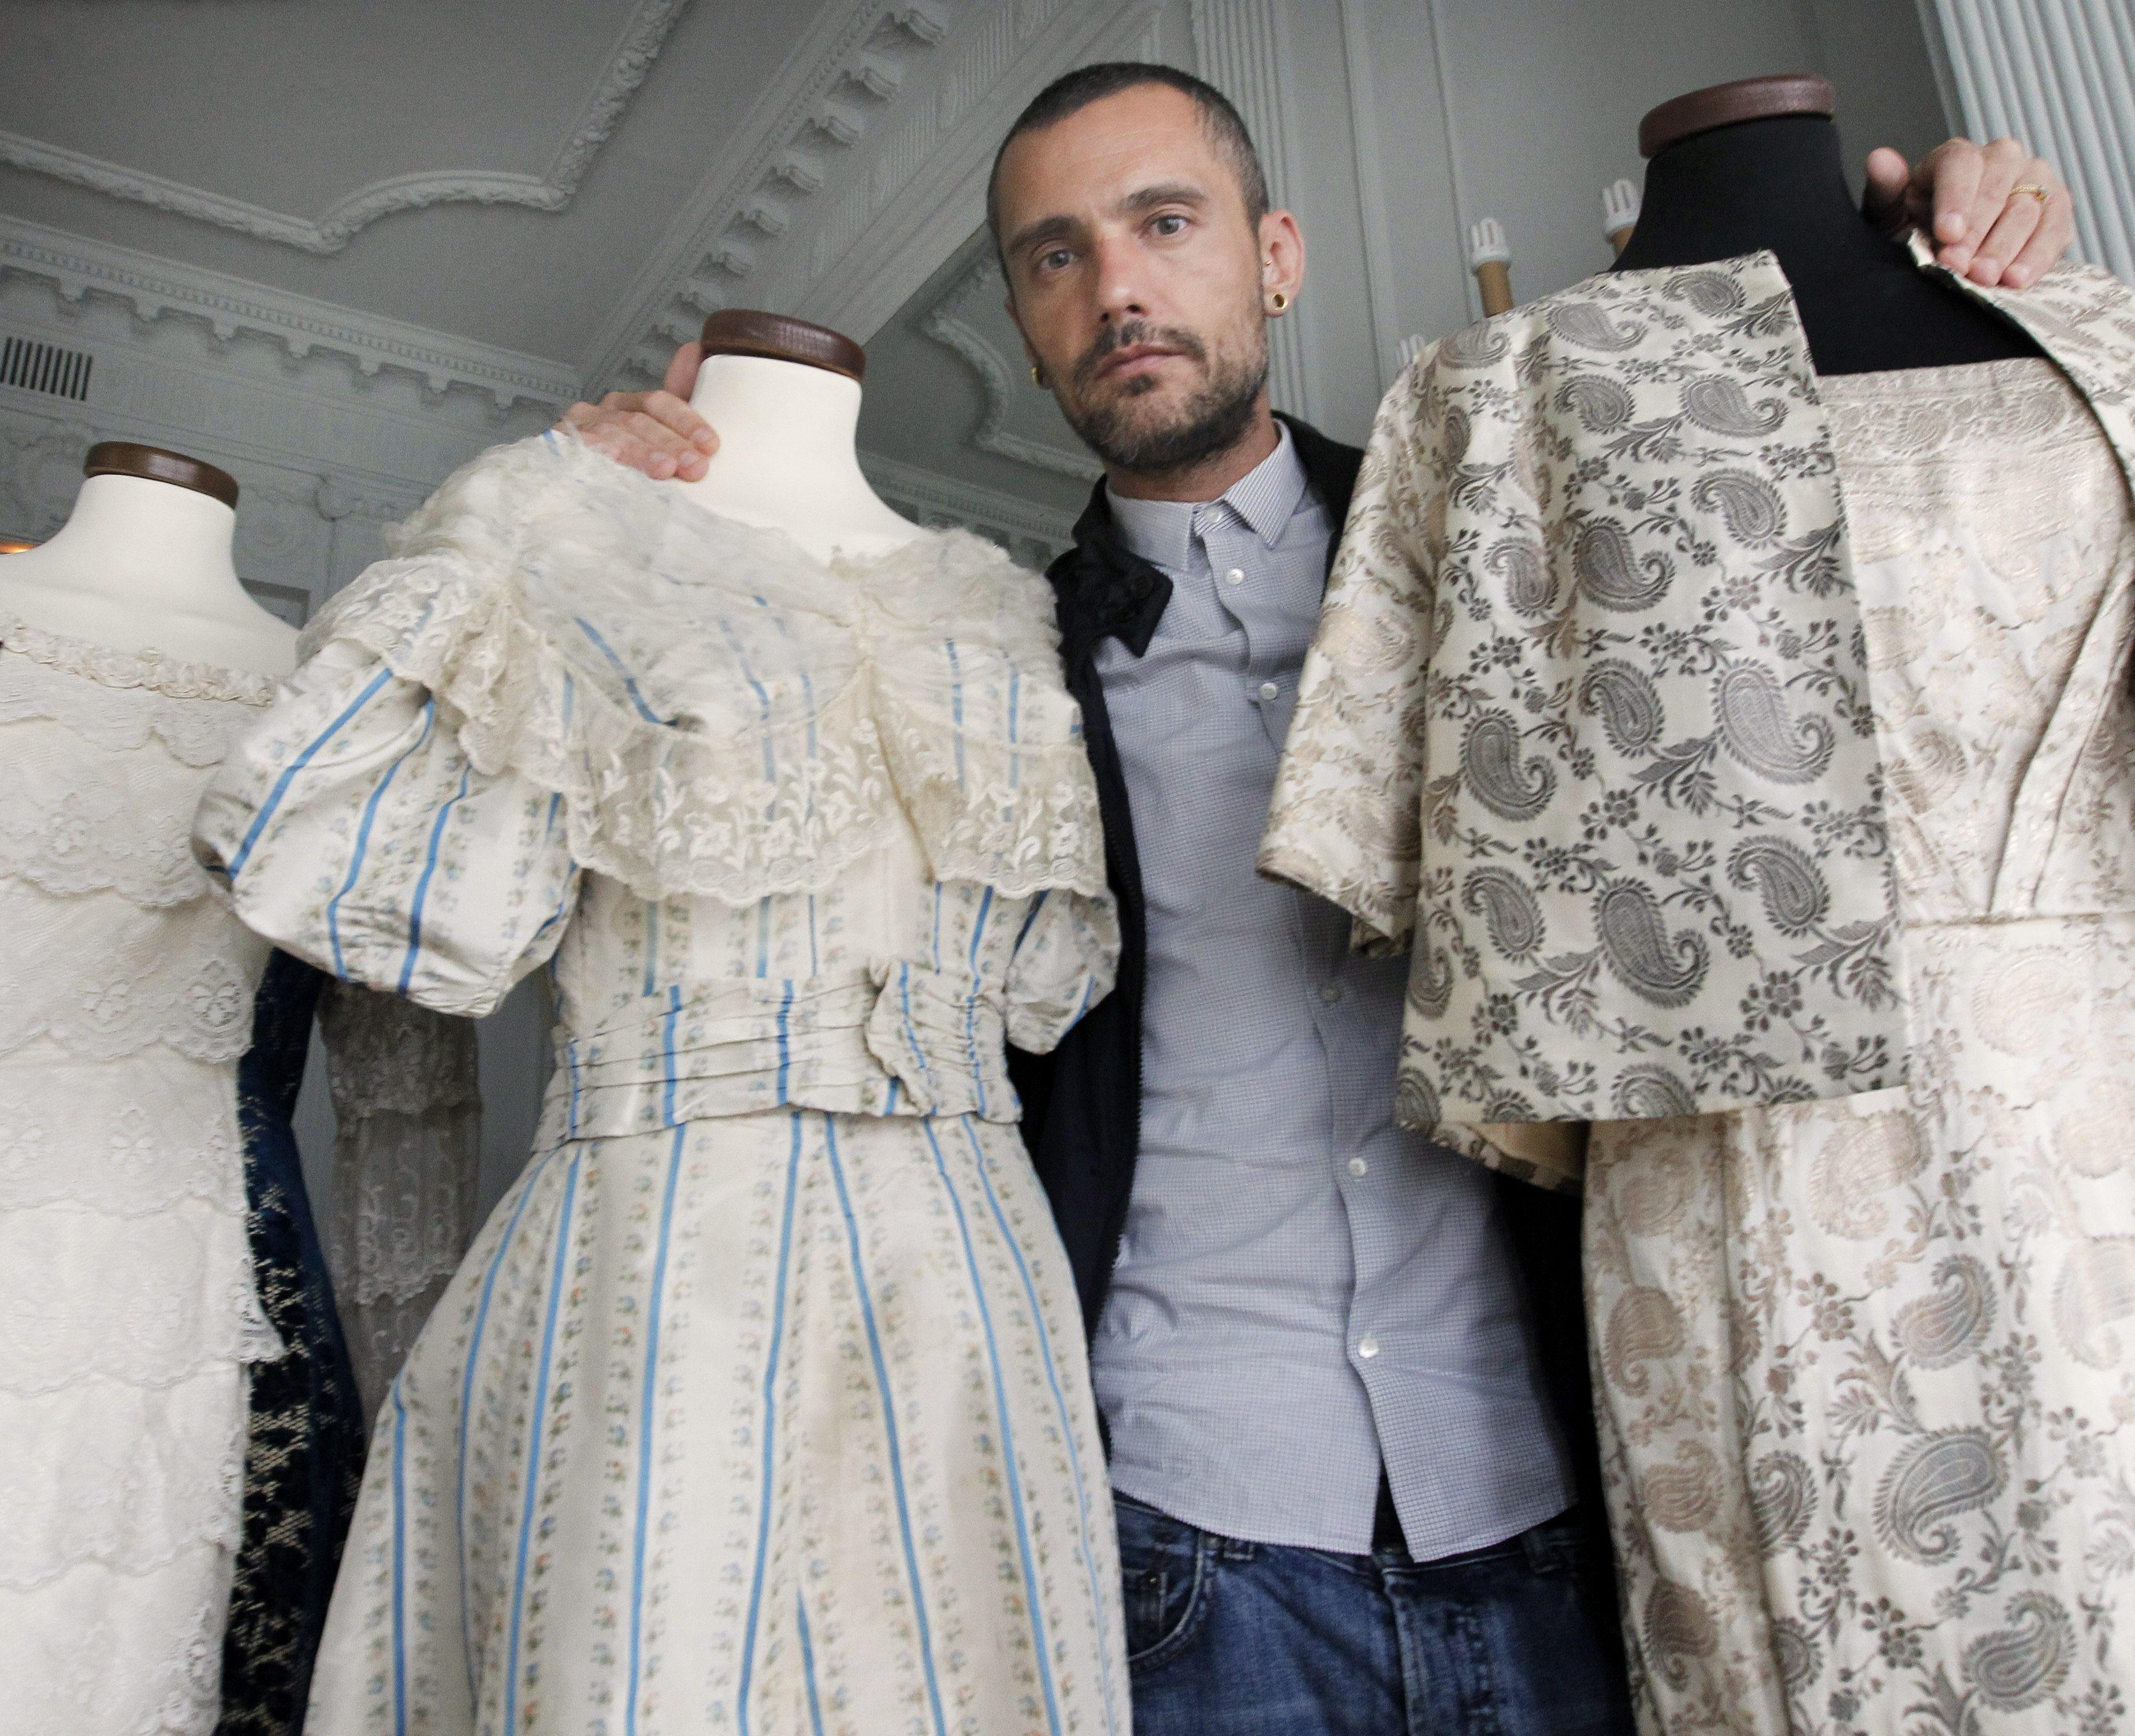 La Mercedes-Benz Fashion Week arranca sin el espectáculo de David Delfín